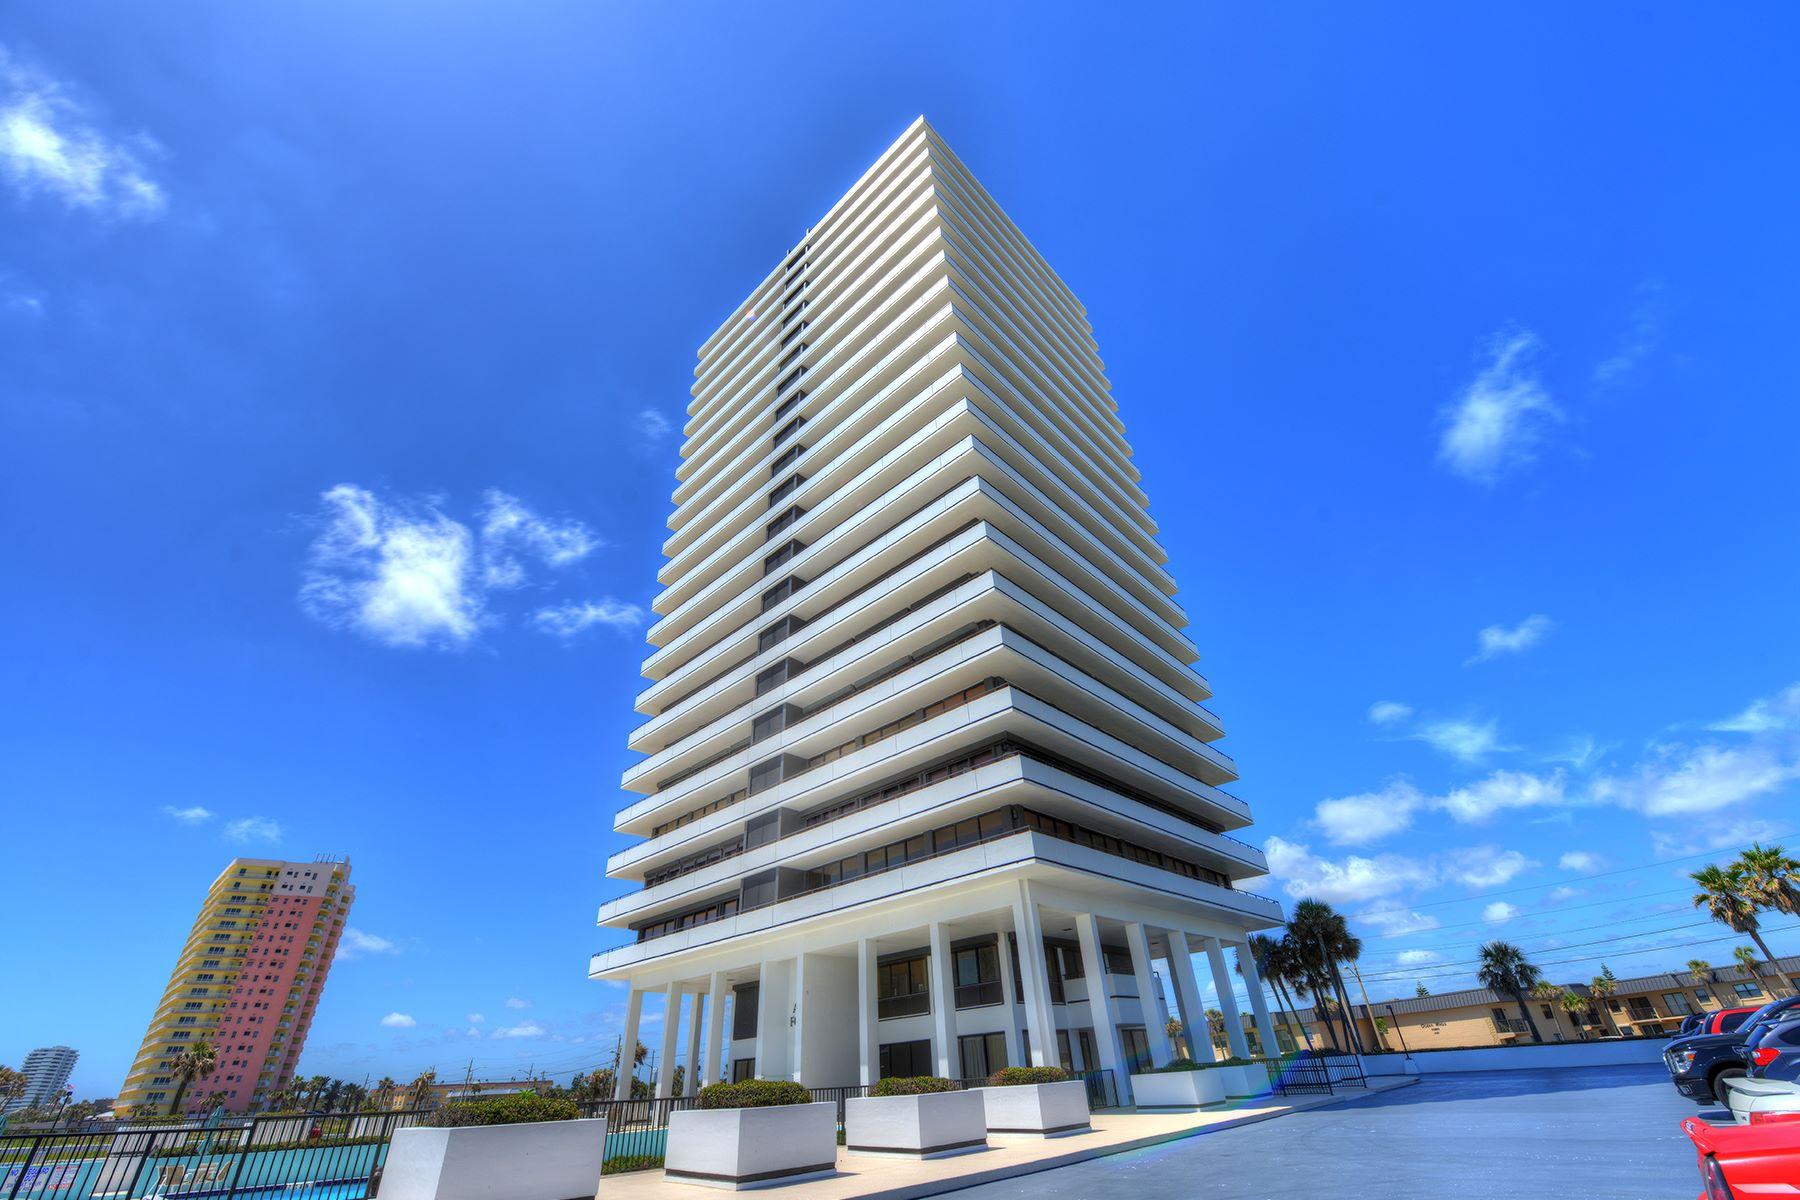 Condomínio para Venda às SPRUCE CREEK AND THE BEACHES-DAYTONA BEACH 2200 N Atlantic Ave 1502 Daytona Beach, Florida 32118 Estados Unidos